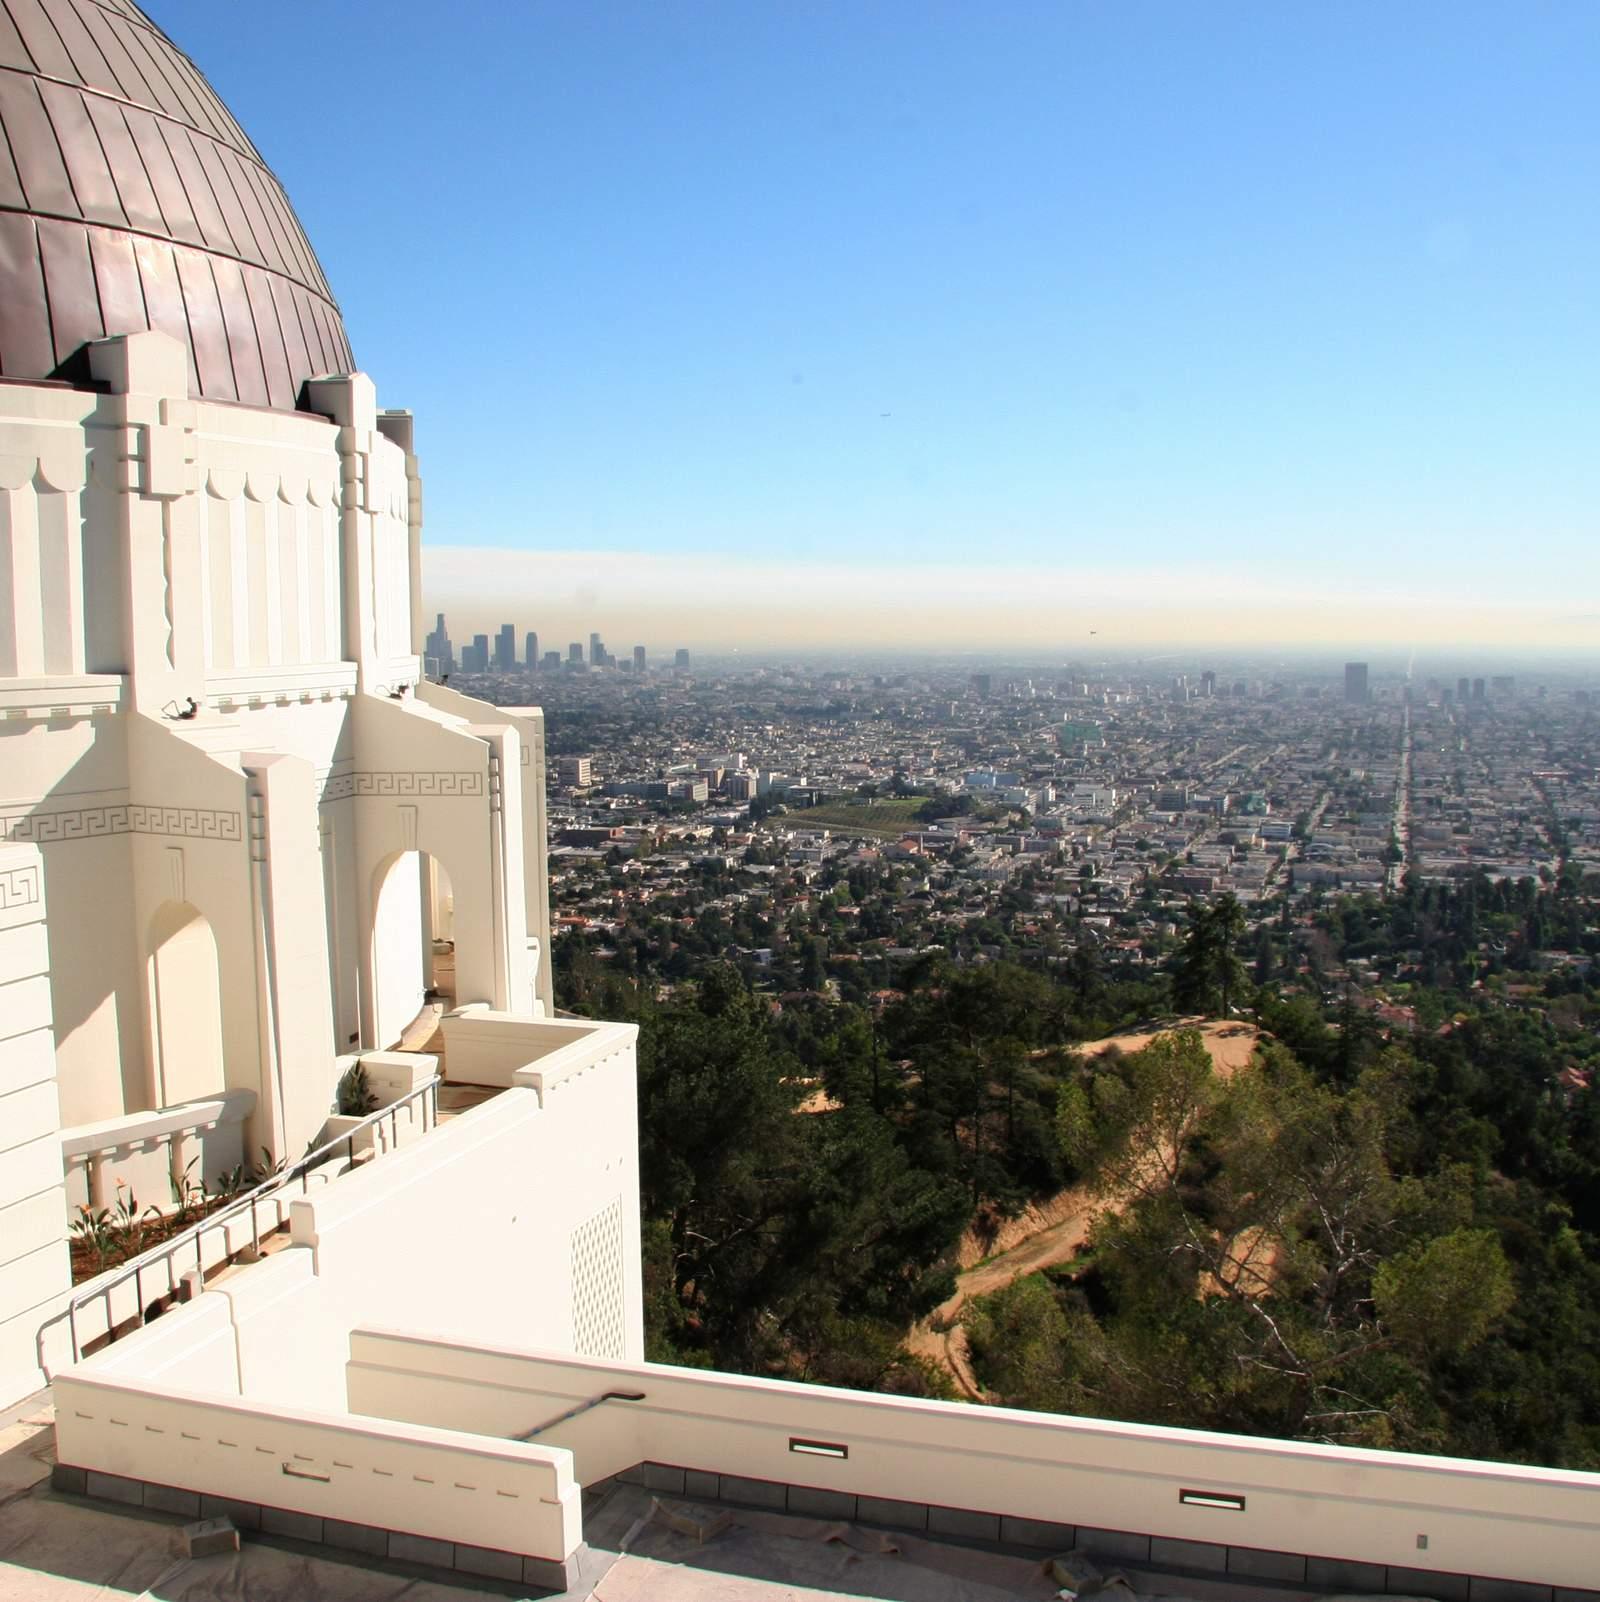 Blick auf Los Angeles von dem Griffith-Observatorium